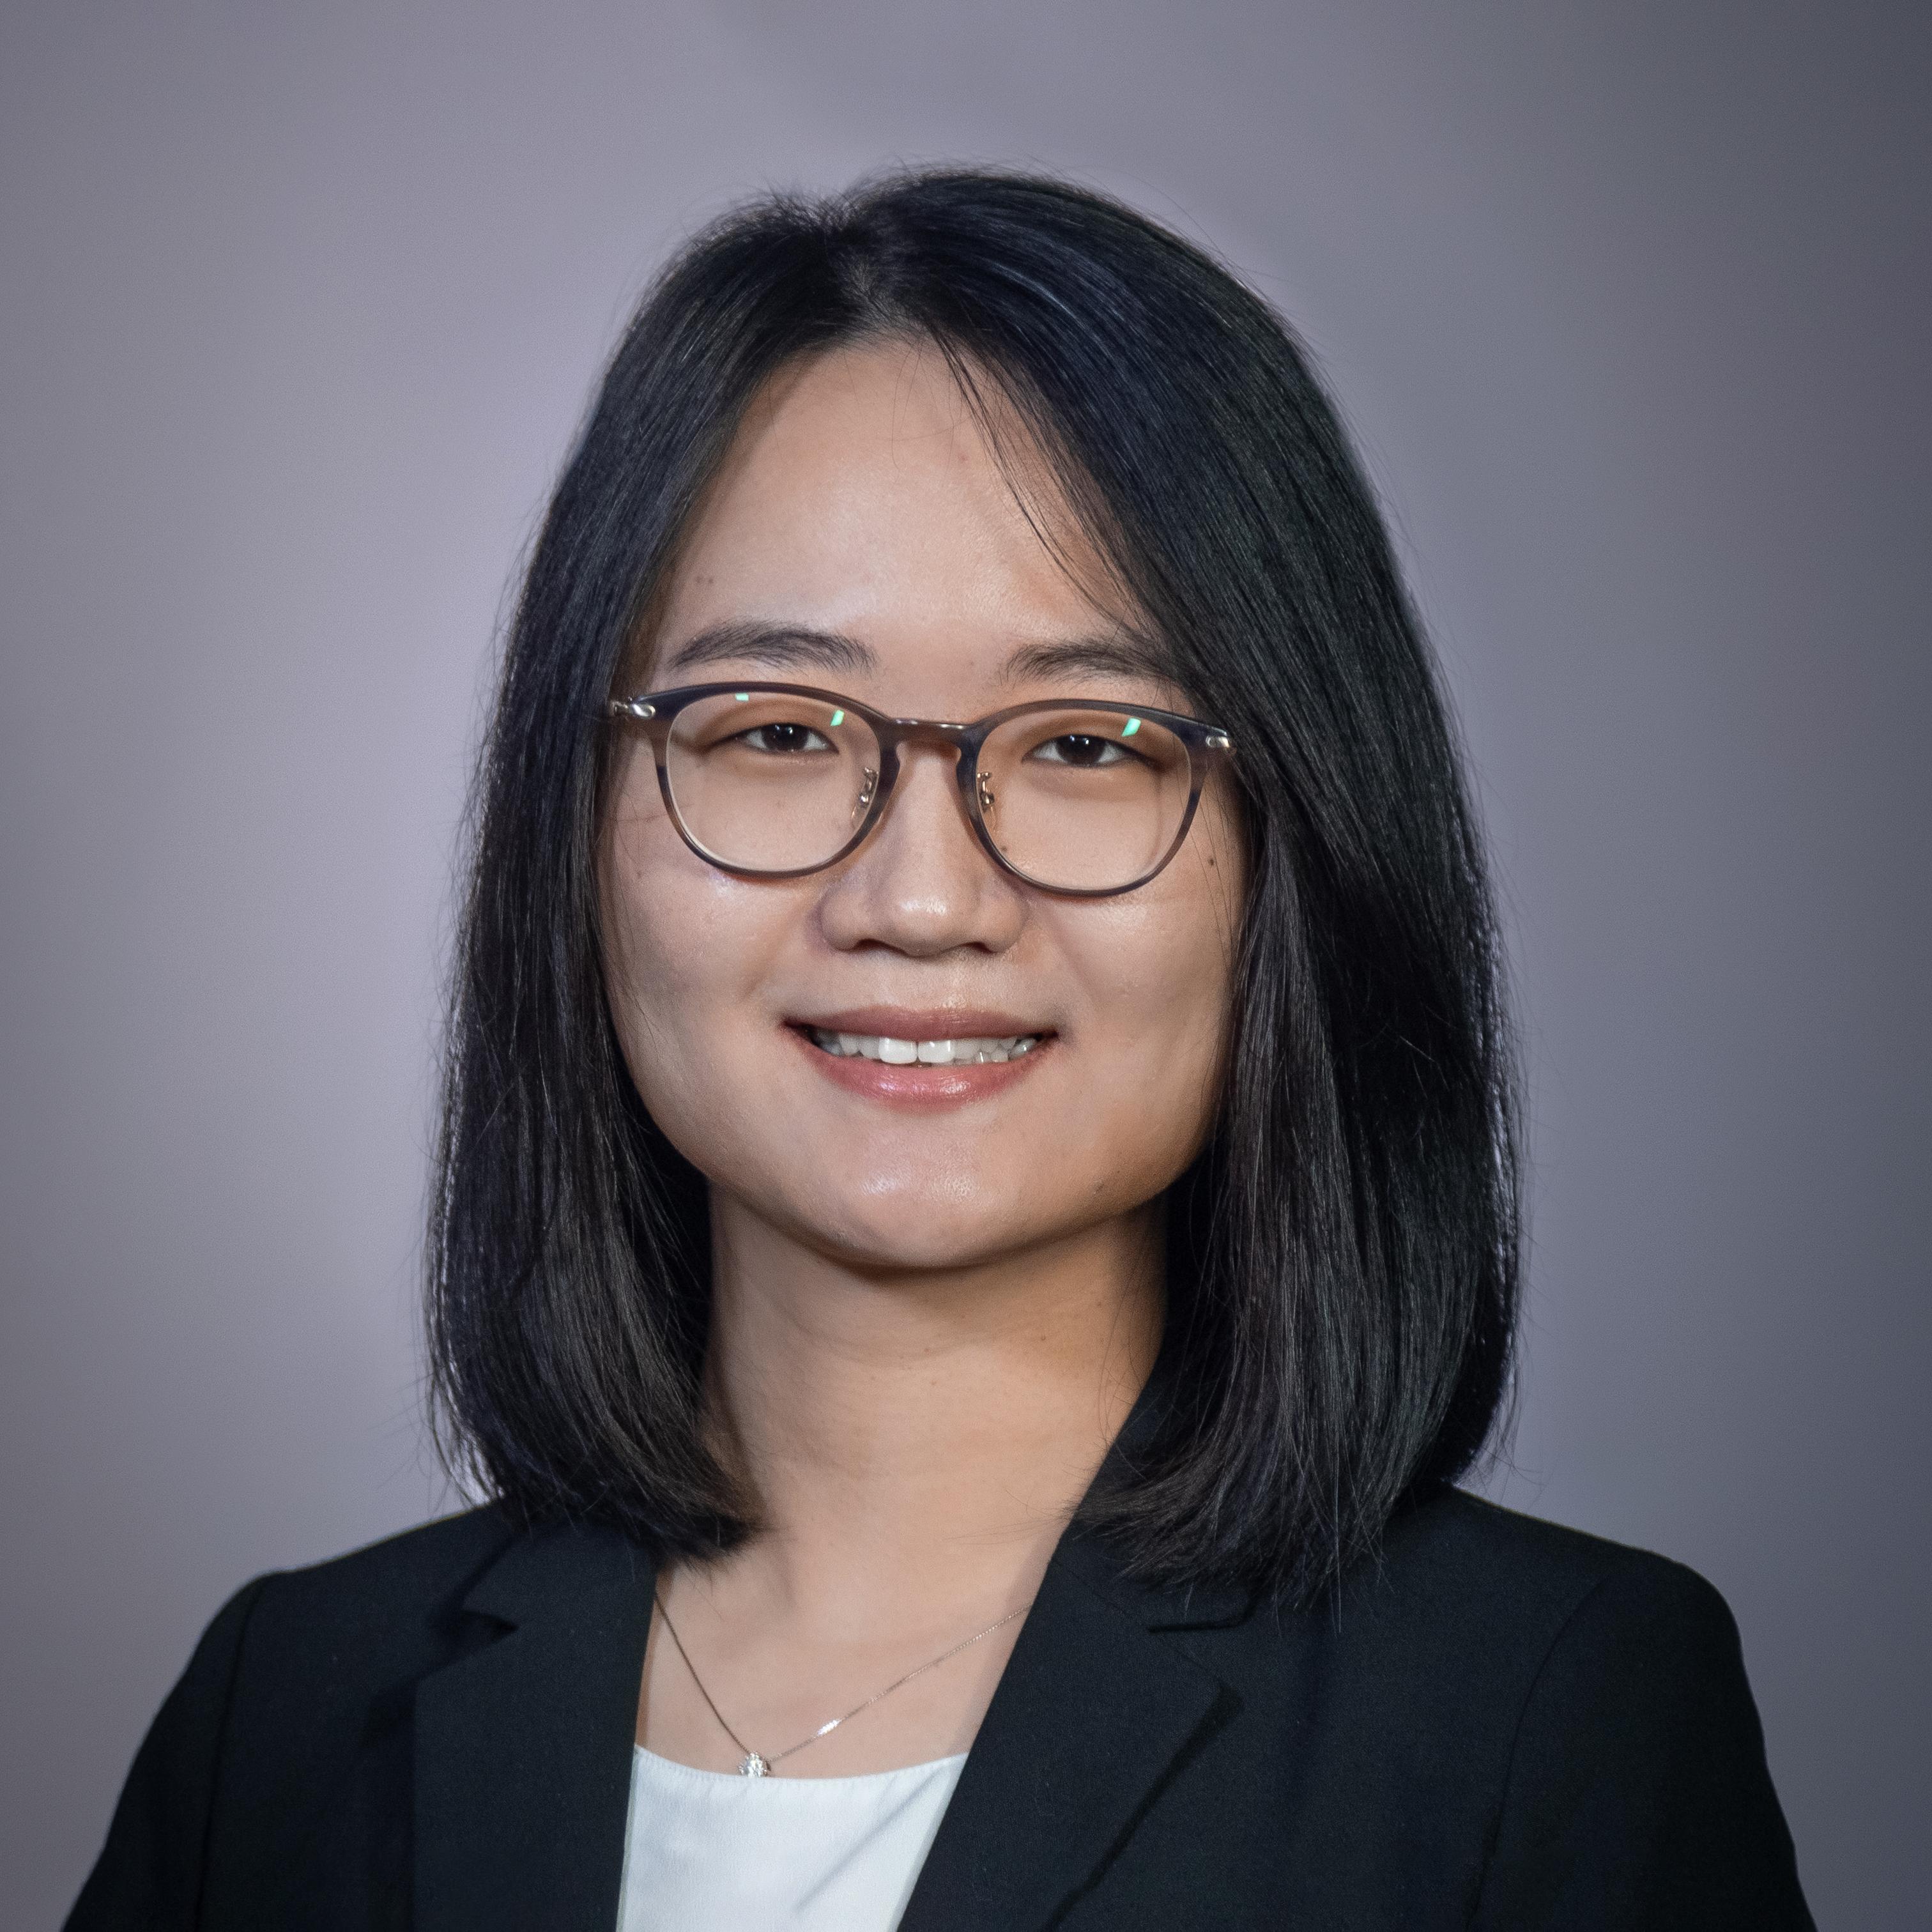 Dr. Ting Jiang